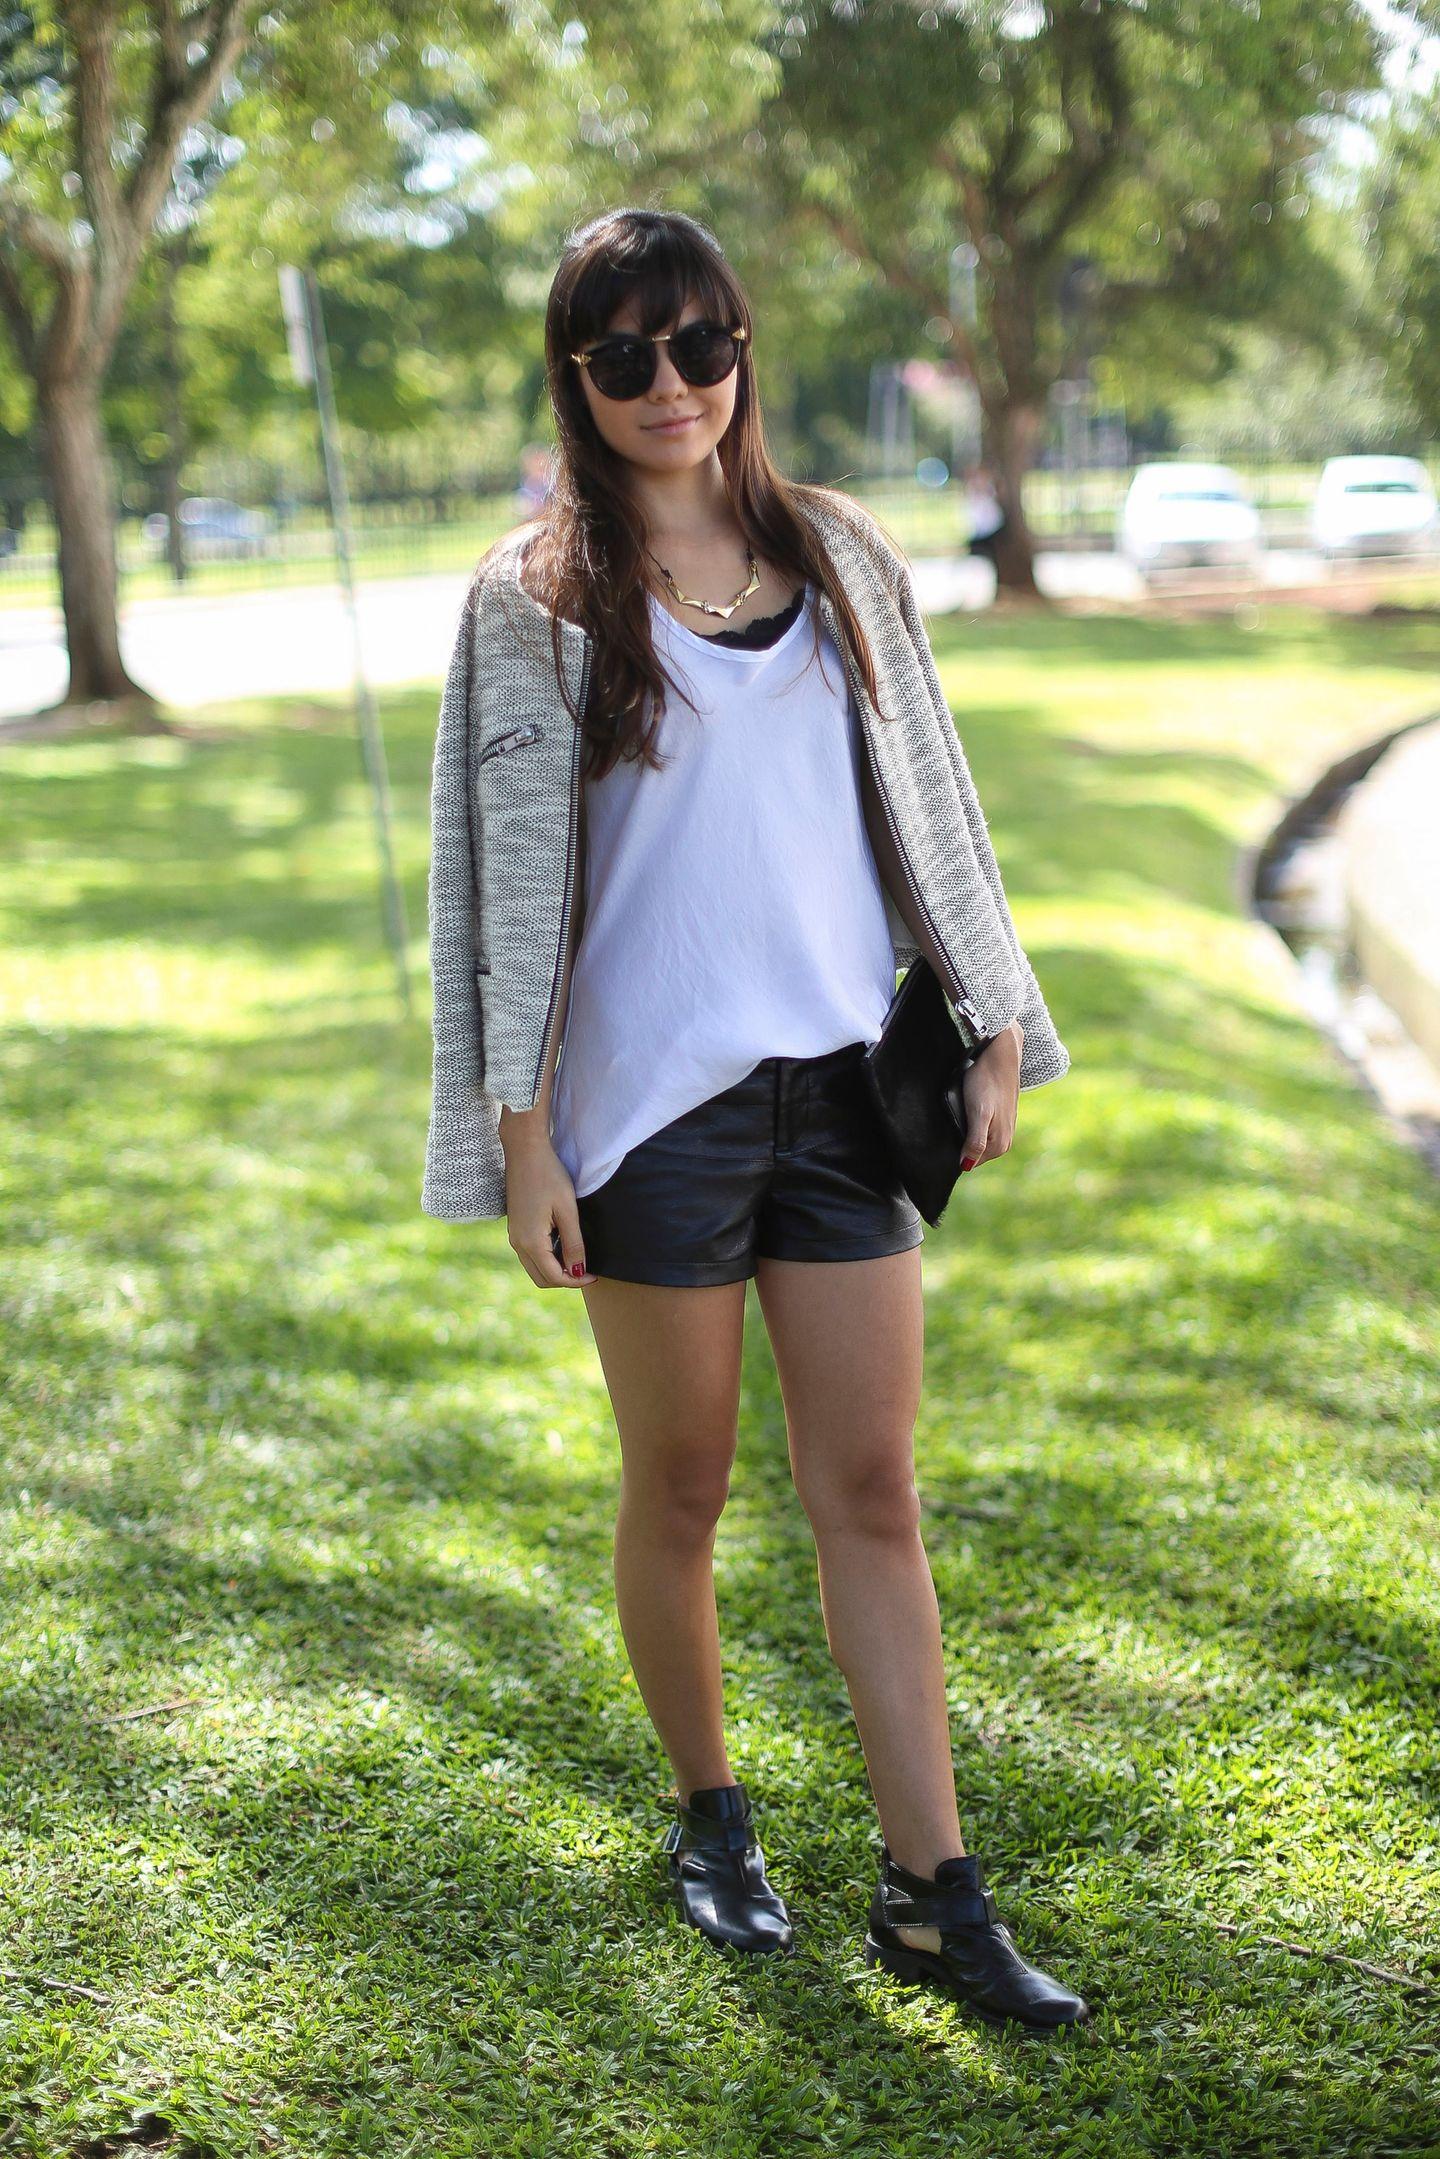 Sommerlich: weißes T-Shirt zu Ledershorts